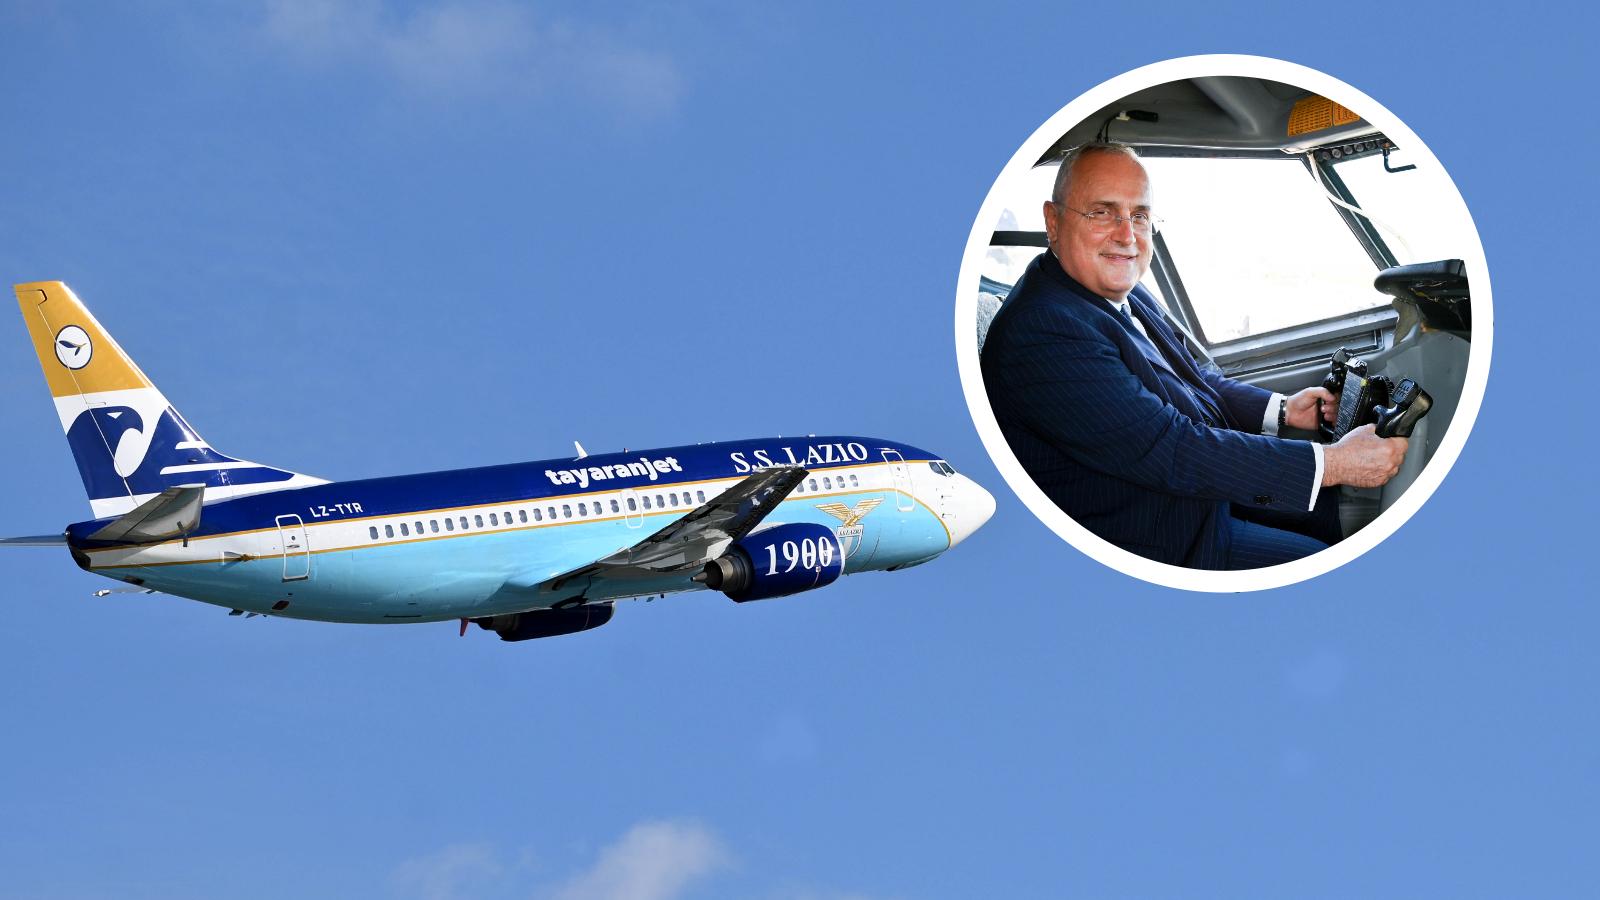 Lazio, Lotito regala alla squadra un Boeing 737 biancoceleste